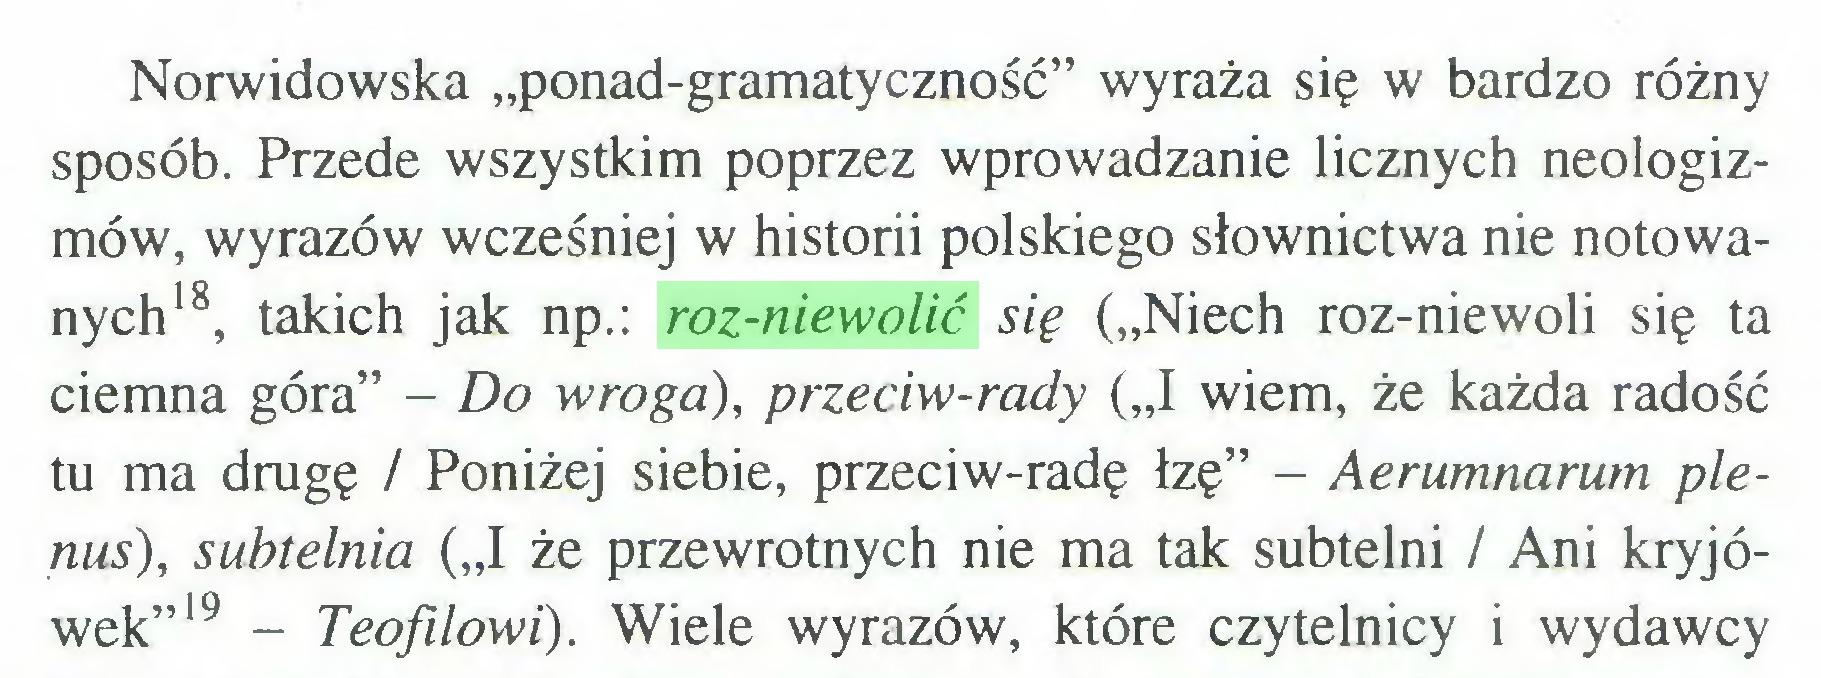 """(...) Norwidowska """"ponad-gramatyczność"""" wyraża się w bardzo różny sposób. Przede wszystkim poprzez wprowadzanie licznych neologizmów, wyrazów wcześniej w historii polskiego słownictwa nie notowanych18, takich jak np.: roz-niewolić się (""""Niech roz-niewoli się ta ciemna góra"""" - Do wrogo), przeciw-rady (""""I wiem, że każda radość tu ma drugę / Poniżej siebie, przeciw-radę łzę"""" - Aerumnarum plenus), subtelnia (""""I że przewrotnych nie ma tak subtelni / Ani kryjówek""""19 - Teofilowi). Wiele wyrazów, które czytelnicy i wydawcy..."""